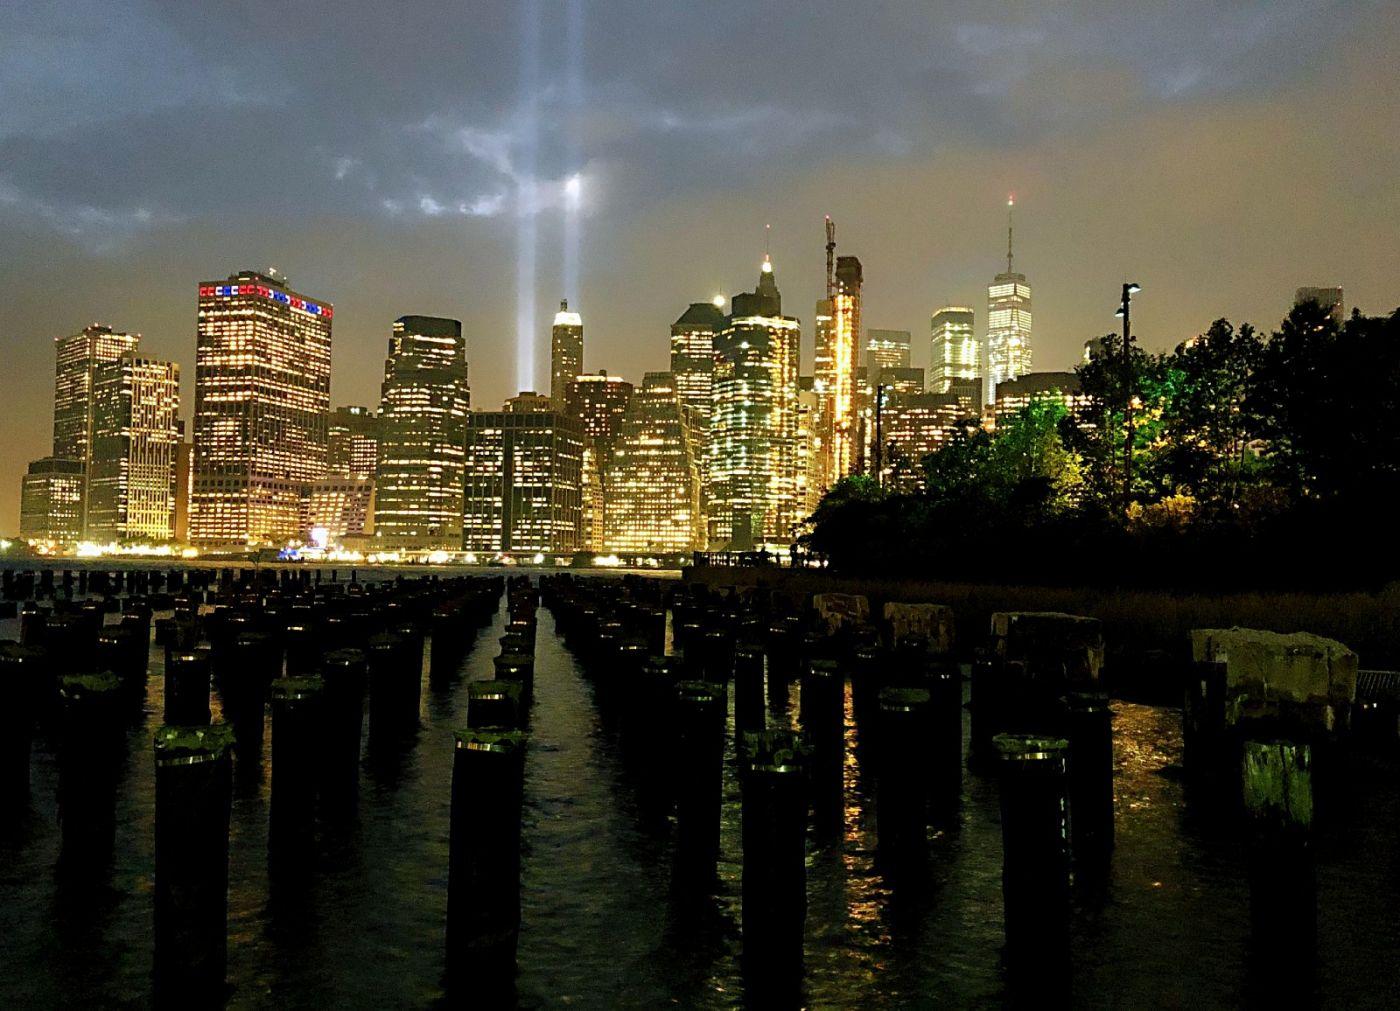 【田螺手机摄影】拍摄灯柱纪念911恐襲17周年_图1-1